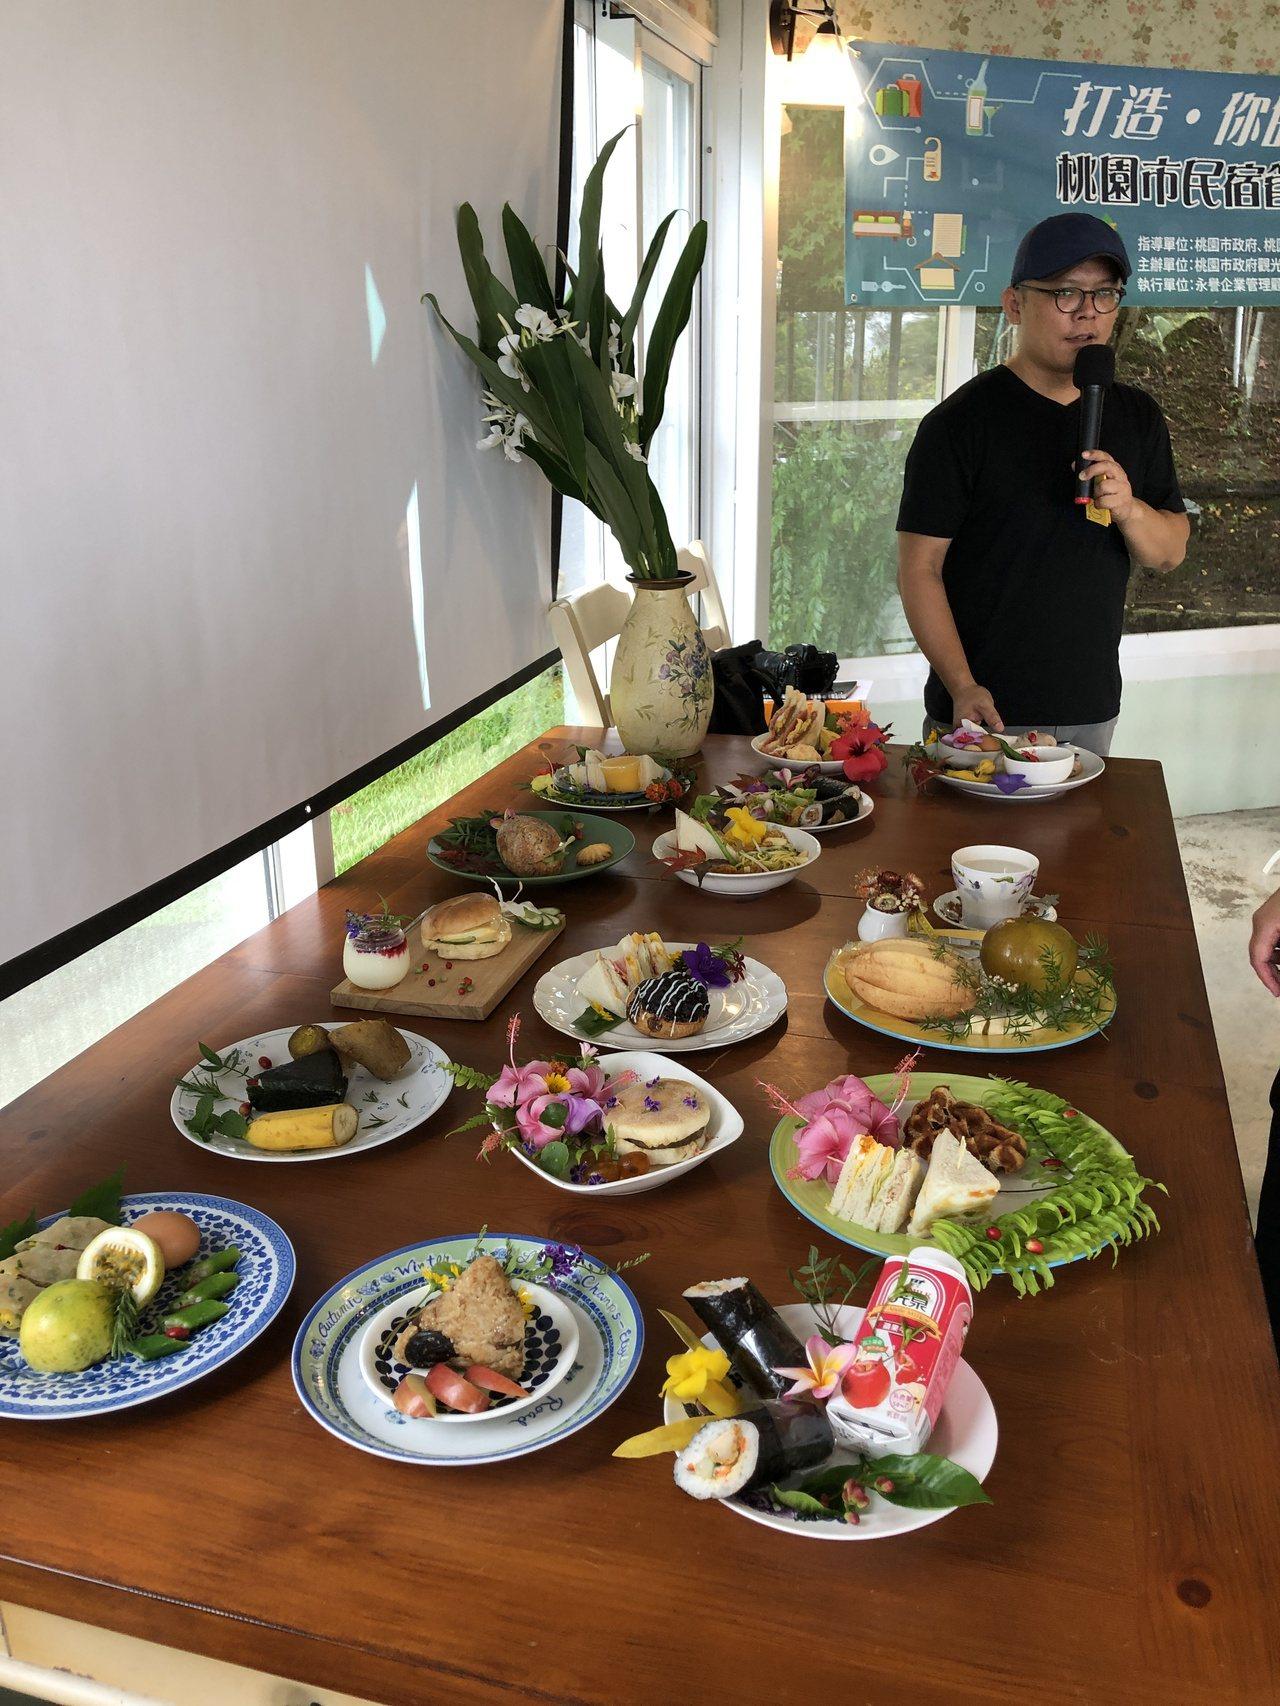 一日管家體驗打造森林系早餐。圖/桃園市觀光旅遊局提供